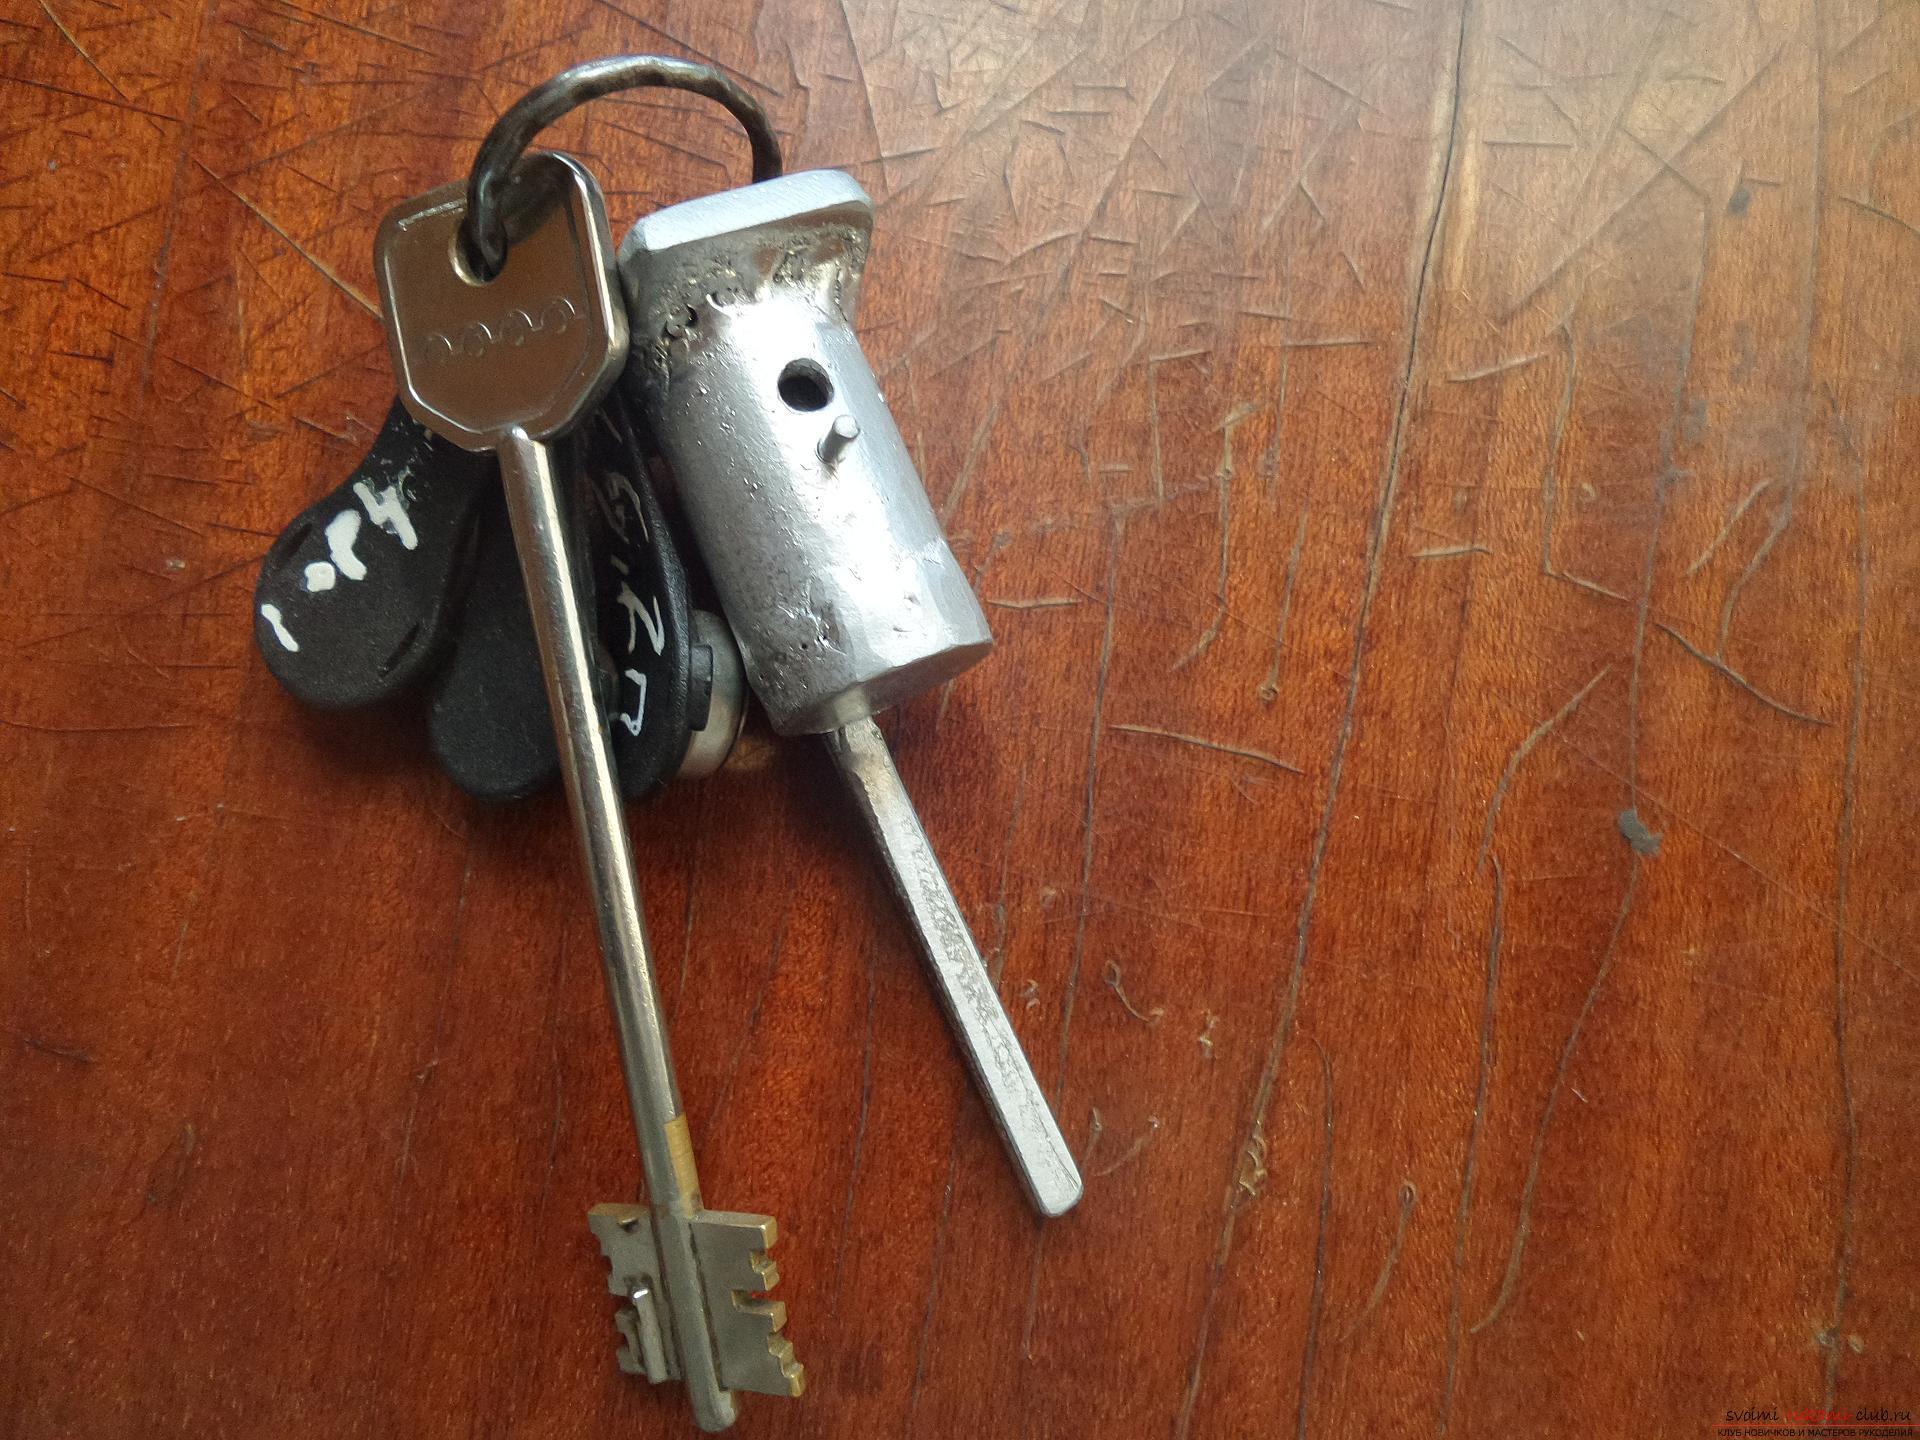 Этот мастер-класс научит как своими руками сделать необычный брелок для ключей - железный скворечник. Фото №1